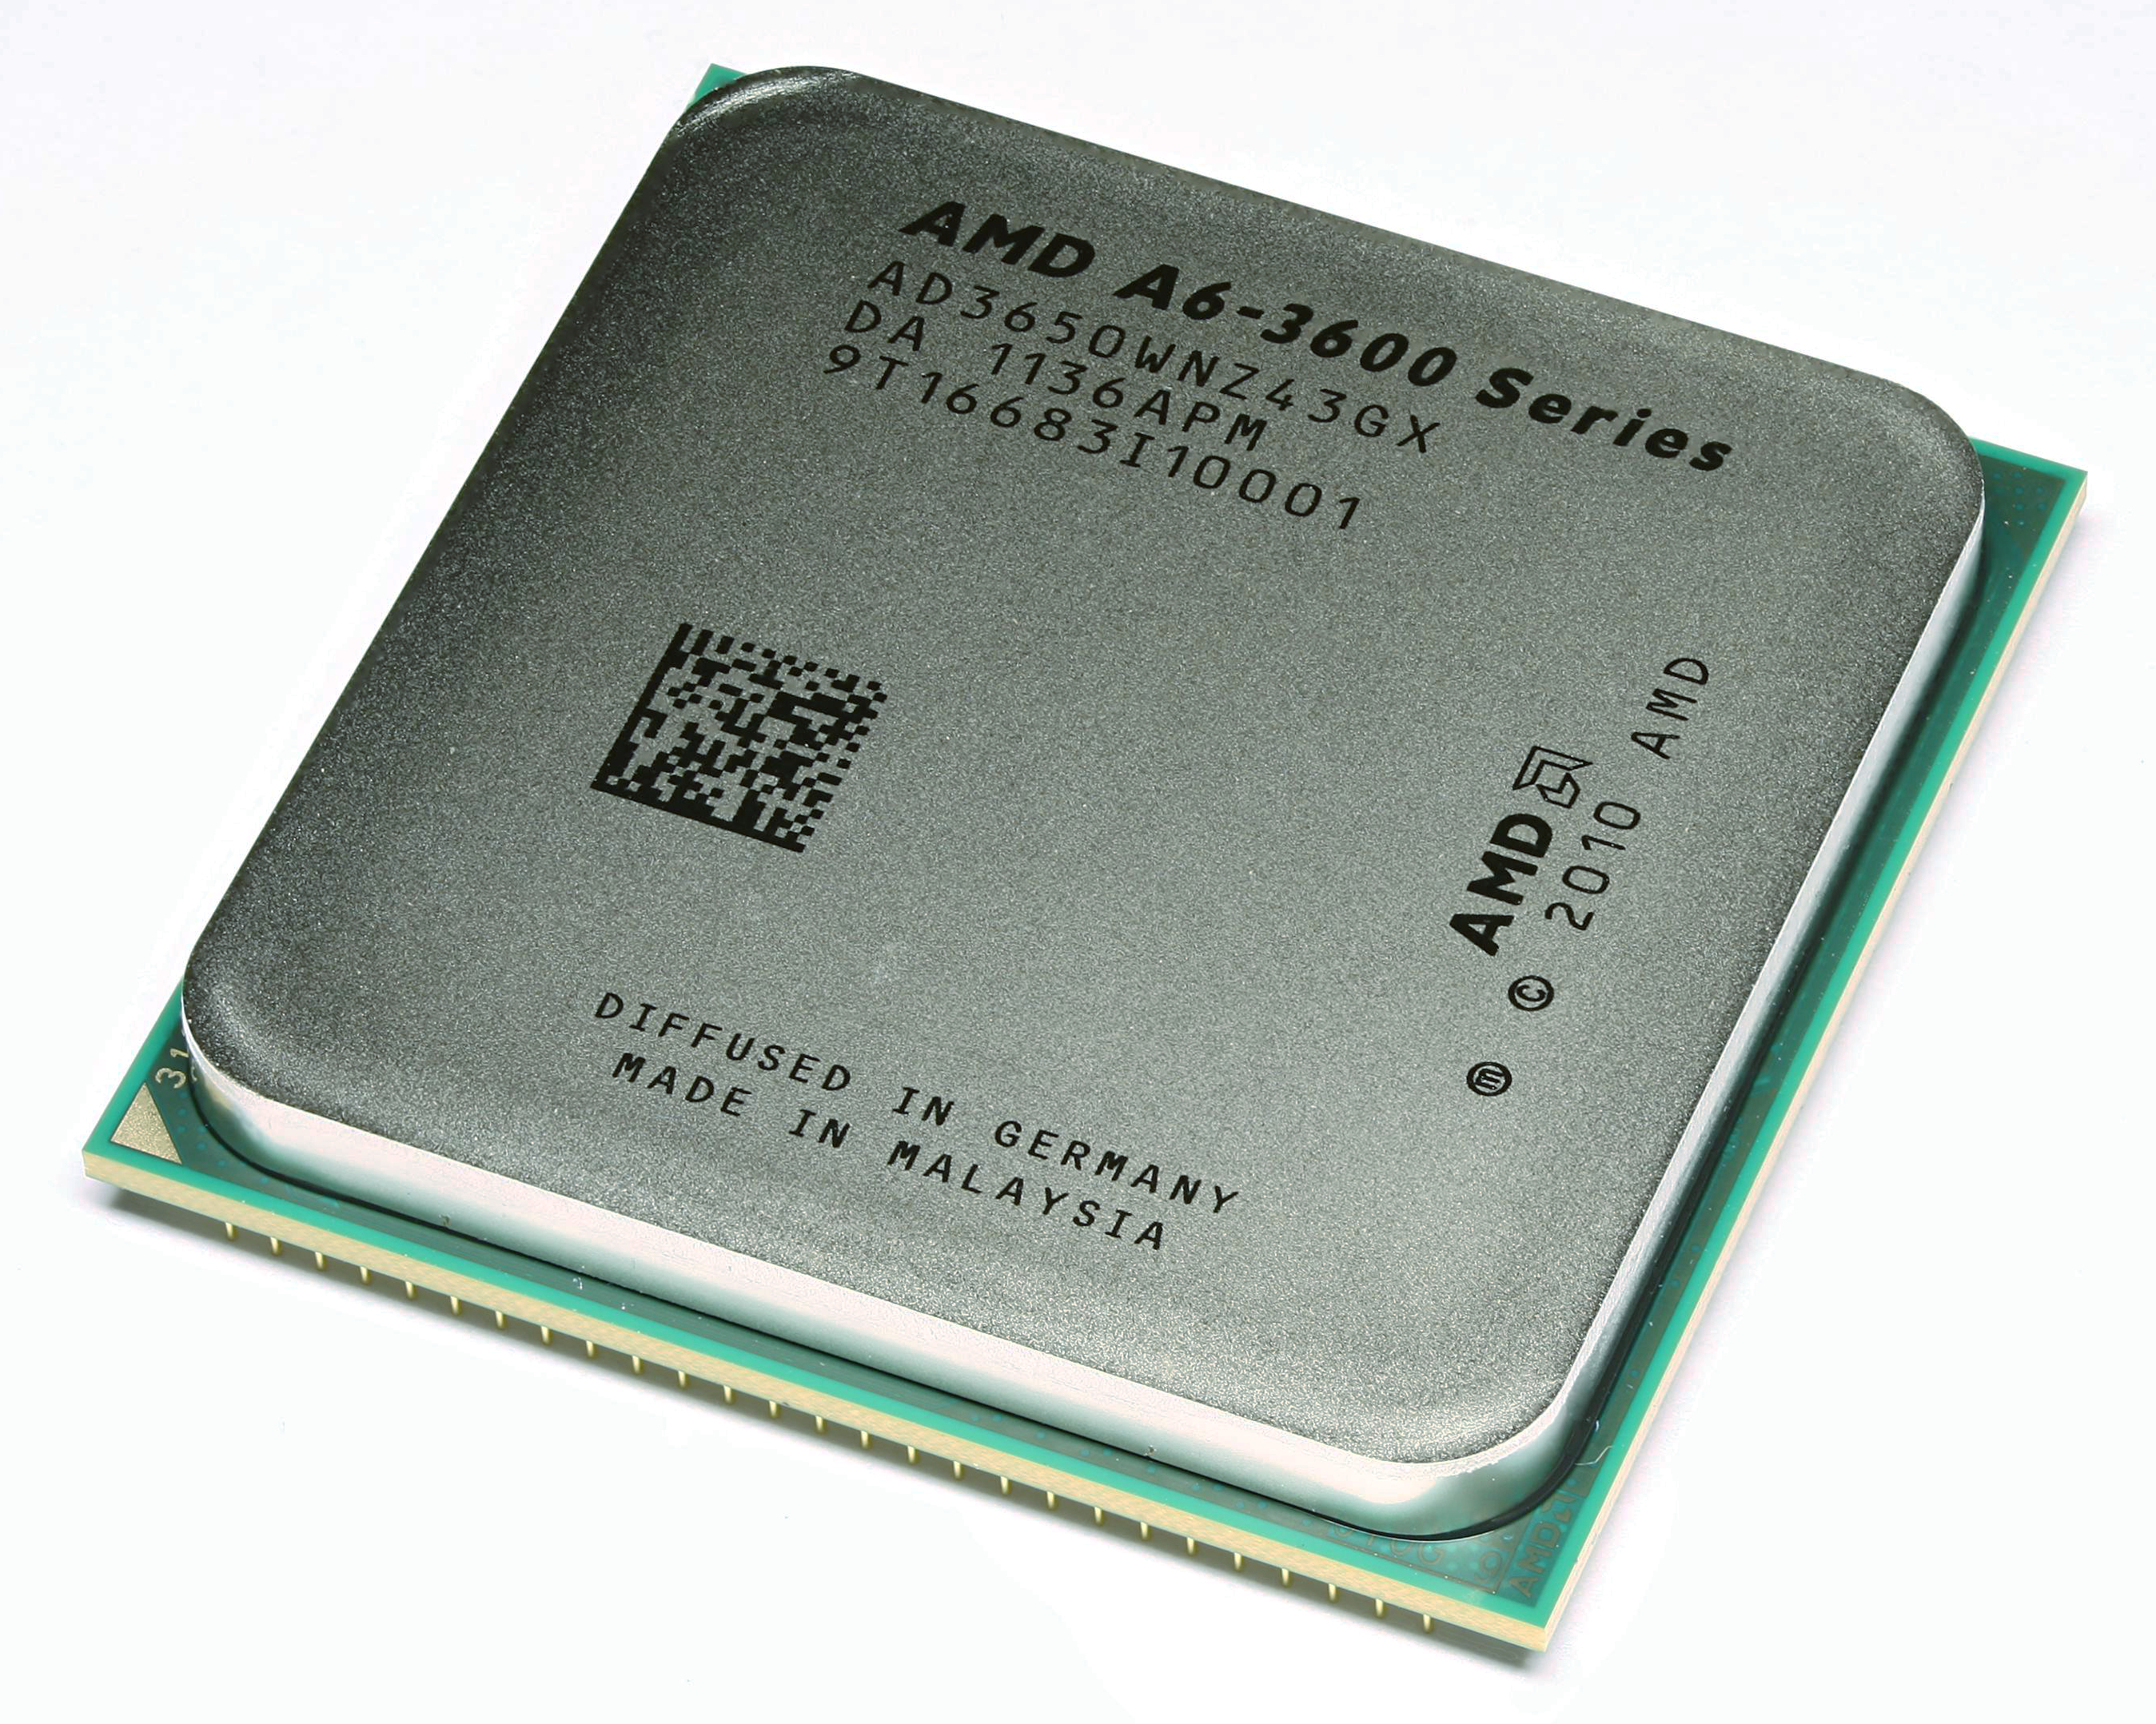 Daftar Harga Prosesor AMD FM1 Terbaru Desember 2012